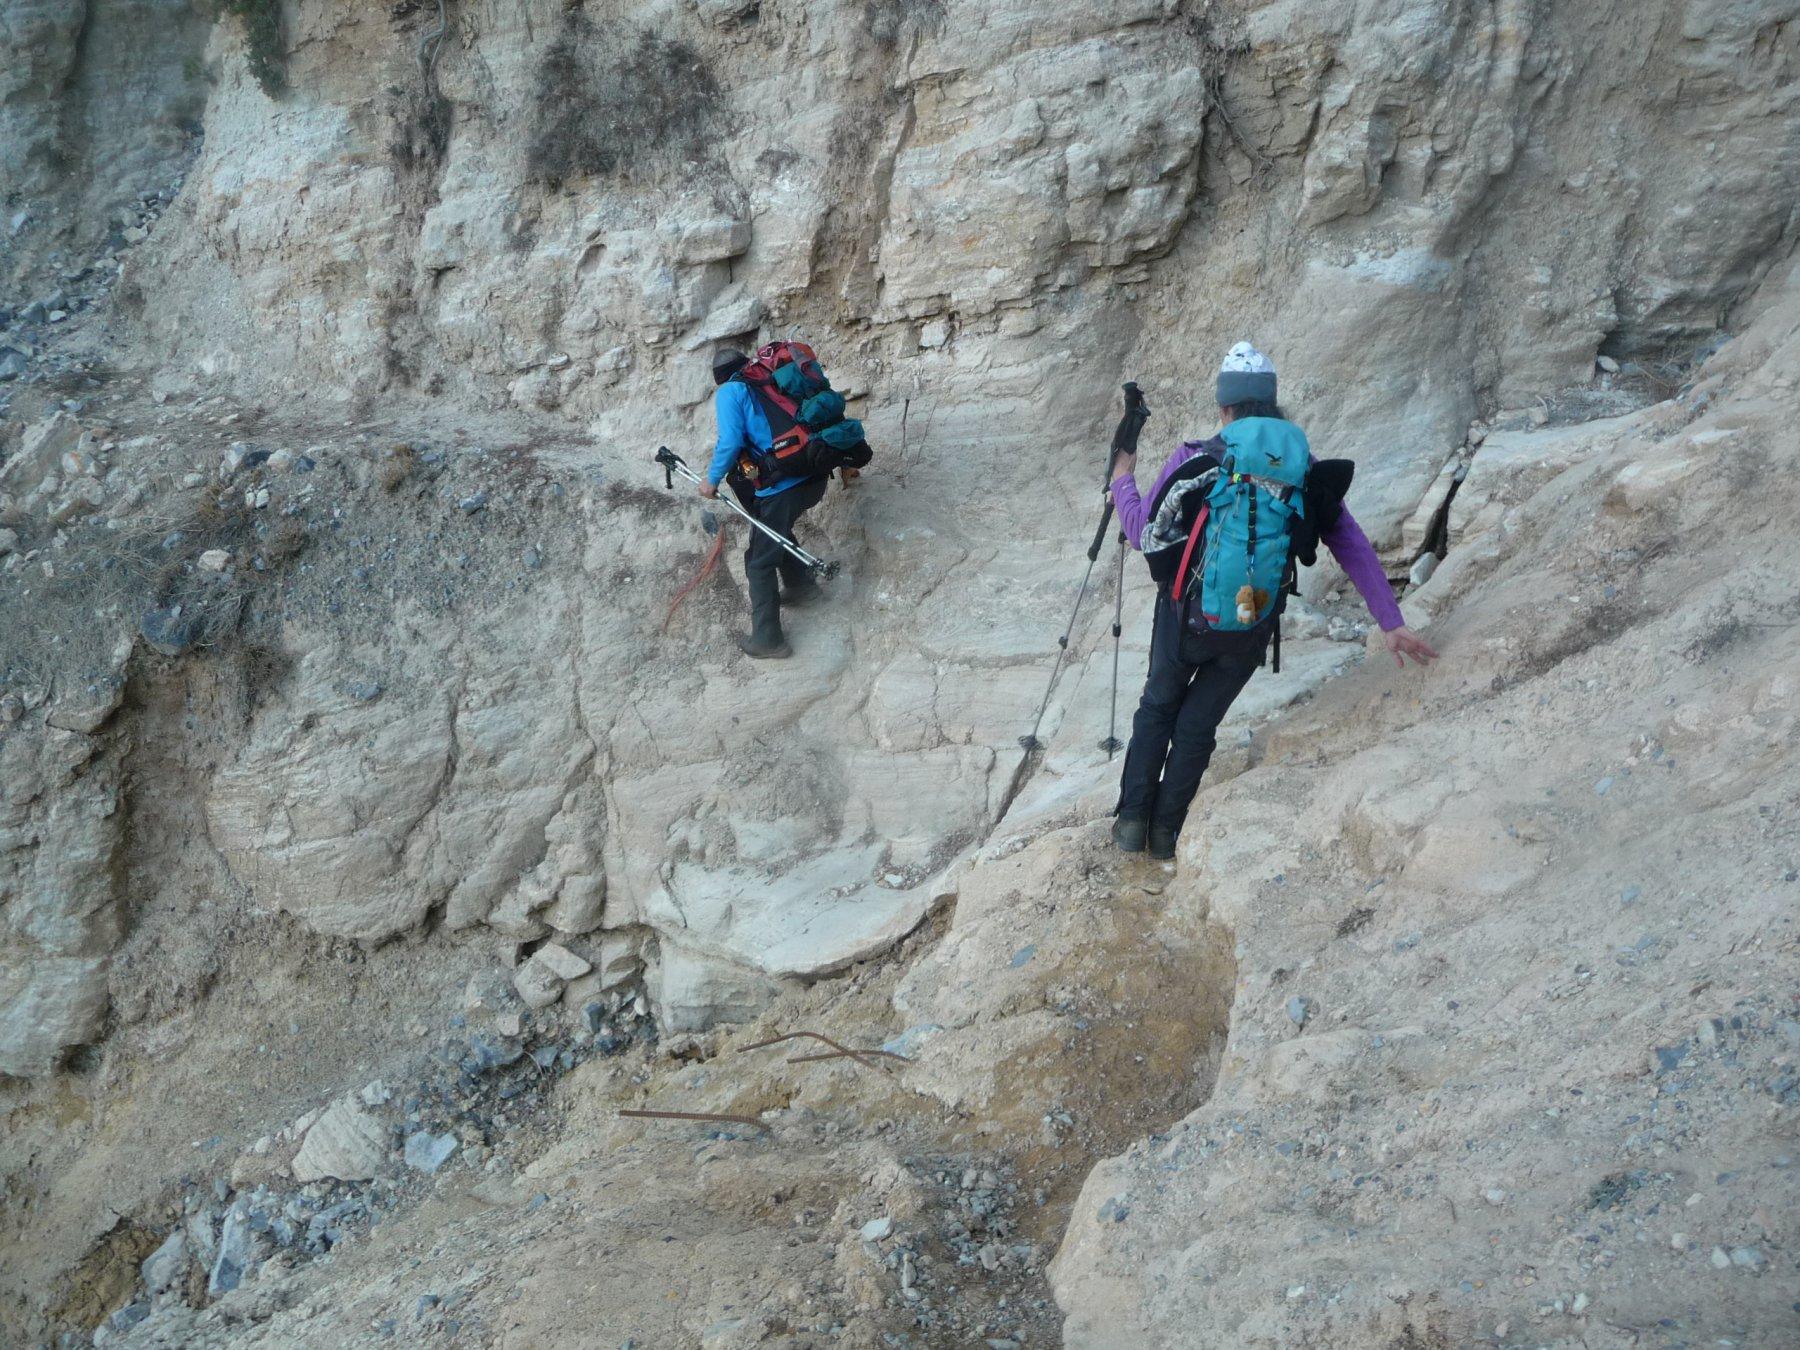 l'attraversamento della gola, col sentiero franato, nel tratto tra Servagno e Bersezio